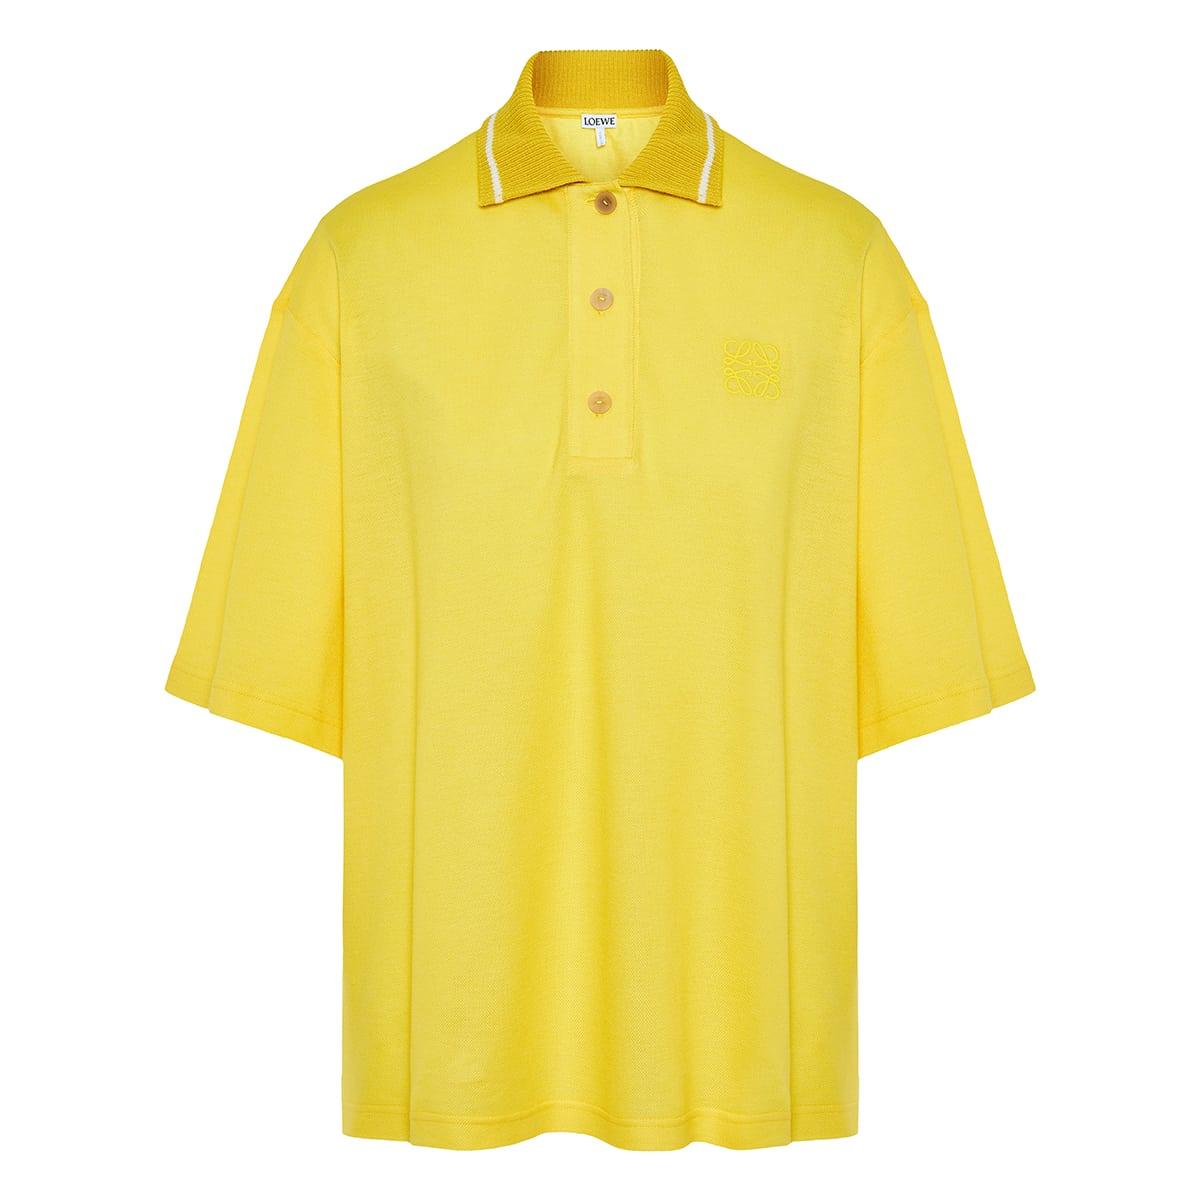 Oversized Anagram polo shirt